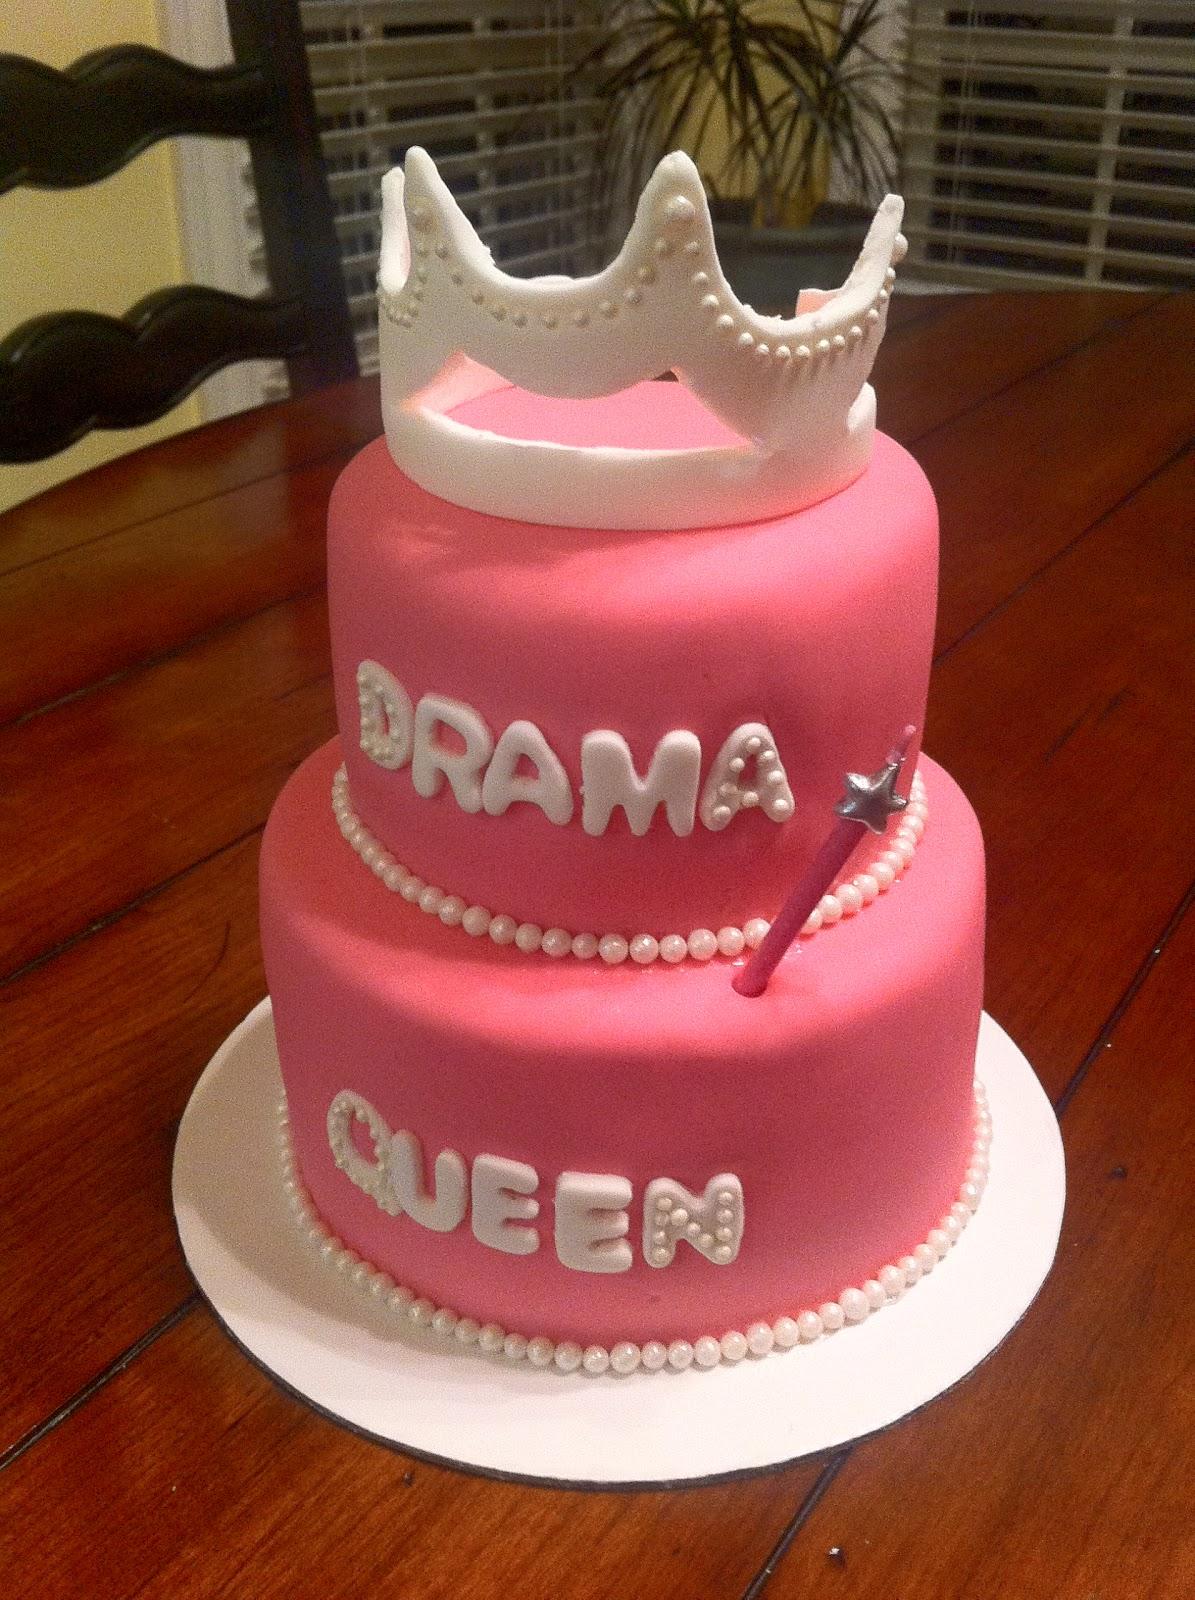 52 Weeks of Sweets: Week 32 :: Drama Queen Cake!